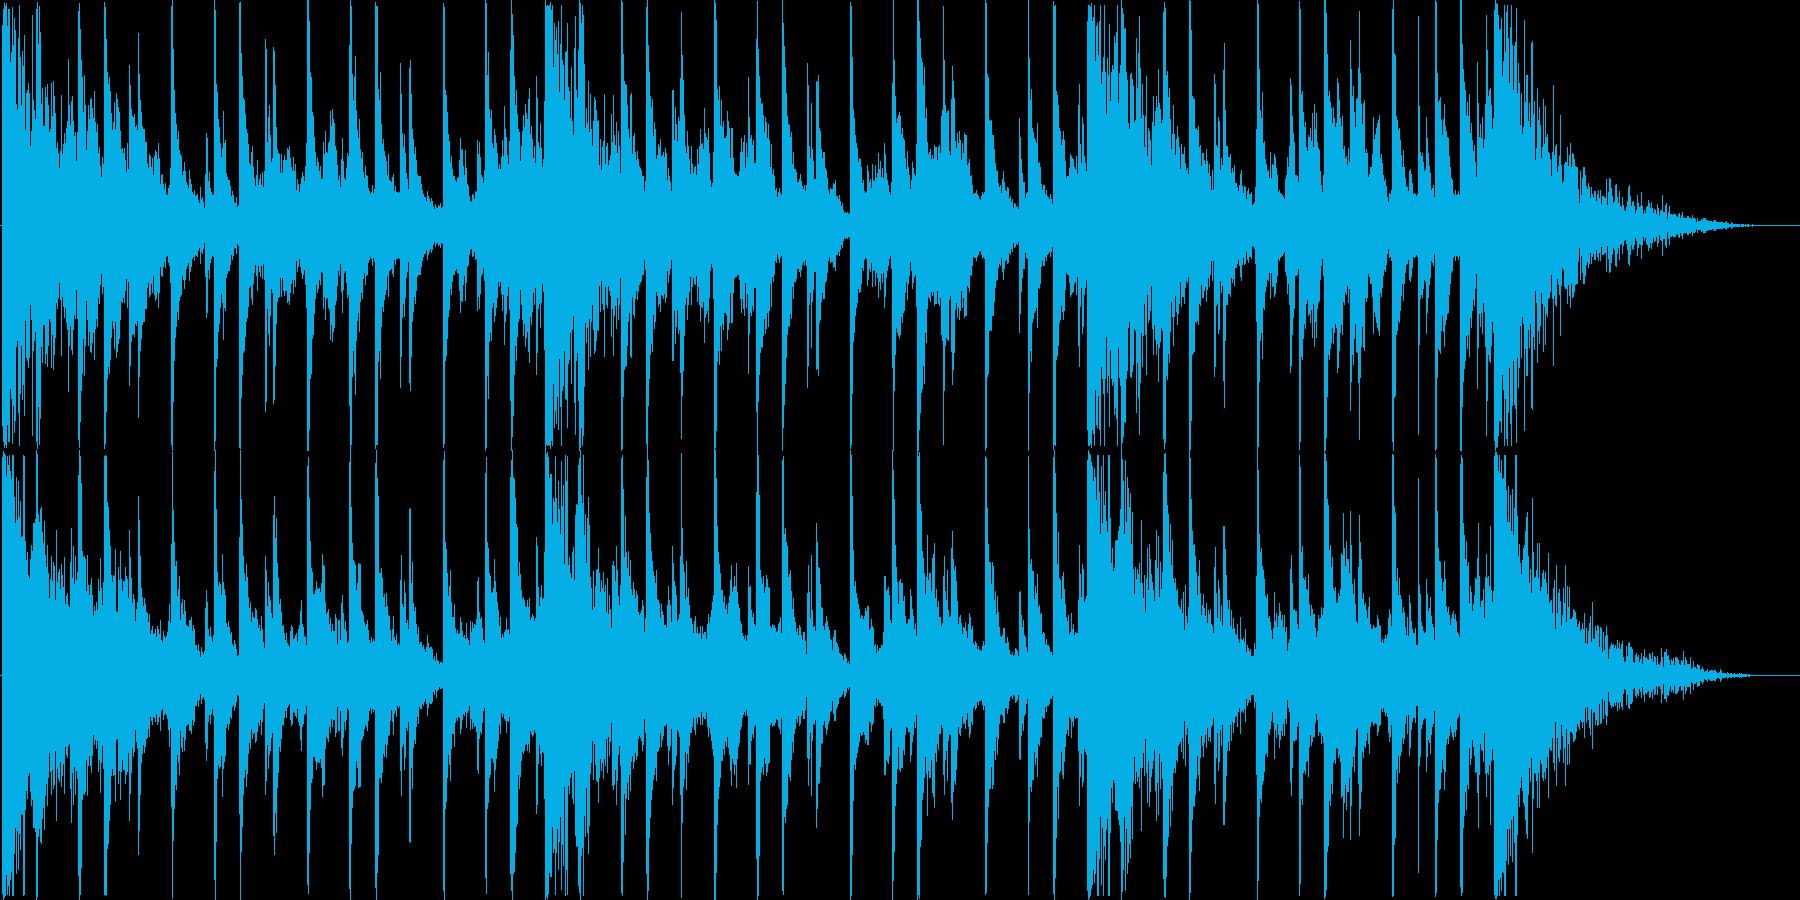 アジア風な打楽器 + 彷徨うシンセの再生済みの波形